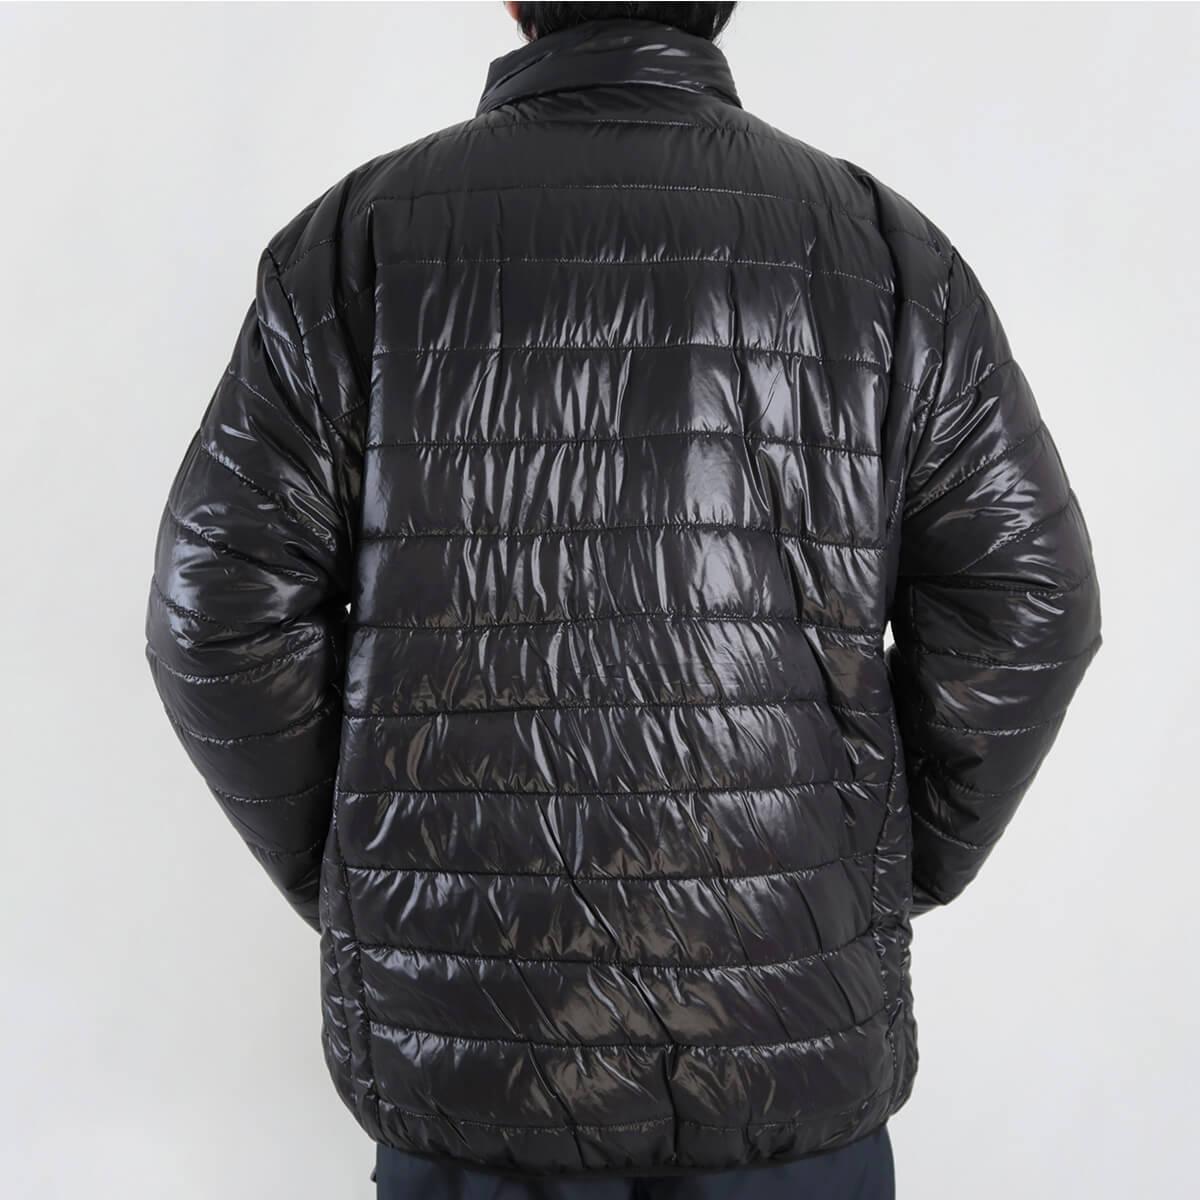 加大尺碼舖棉保暖外套 超輕量夾克外套 騎士外套 擋風外套 立領休閒外套 鋪棉外套 藍色外套 黑色外套 WARM PADDED JACKET (321-A831-08)深藍色、(321-A831-21)黑色、(321-A831-22)灰色 6L 7L 8L (胸圍58~62英吋) [實體店面保障] sun-e 6